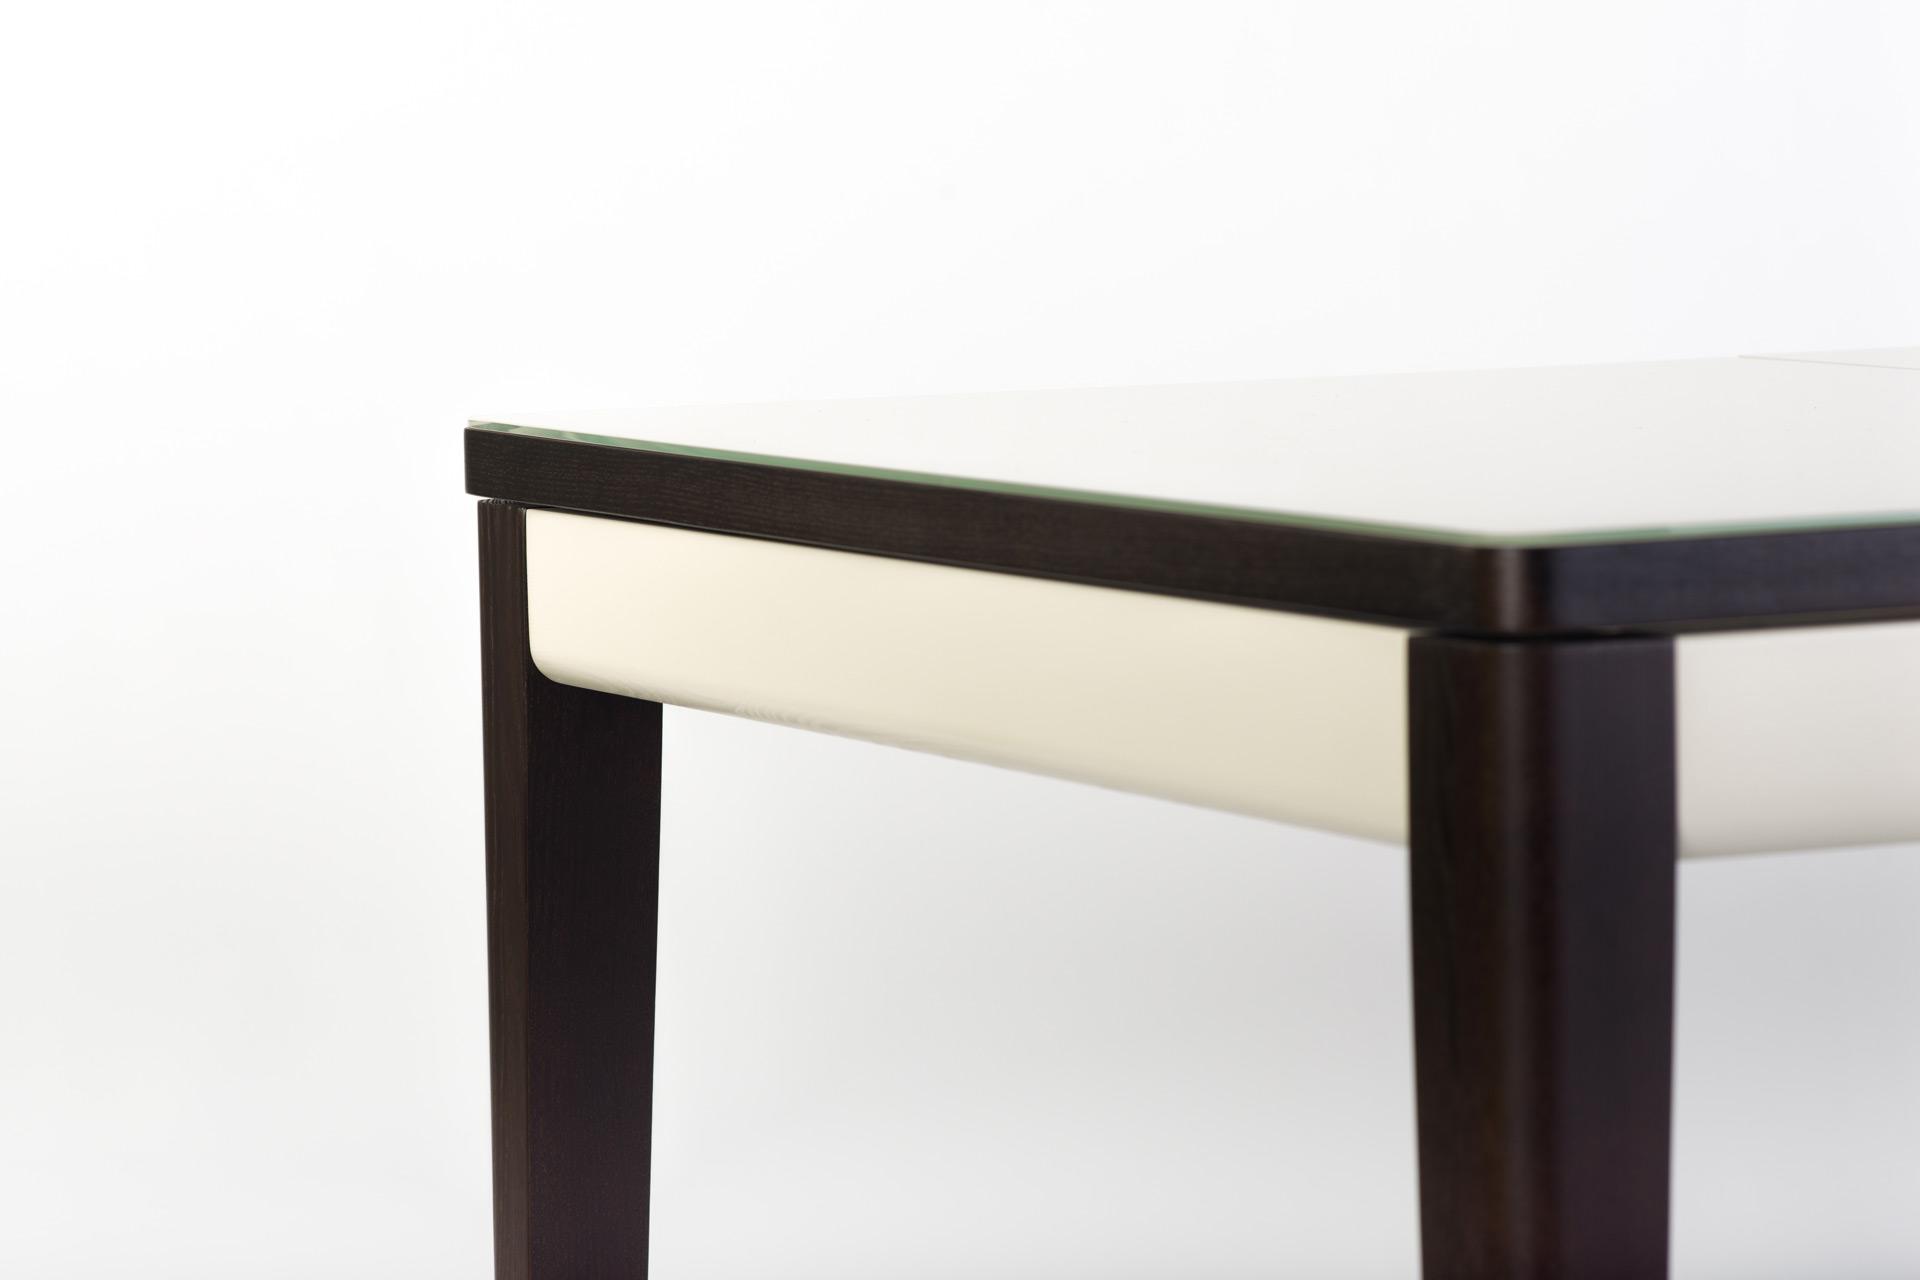 """Раскладной кухонный стол """"Фишер"""" - прямоугольный бежевая стеклянная столешница, черные ножки и царга. Вид - торец стола"""